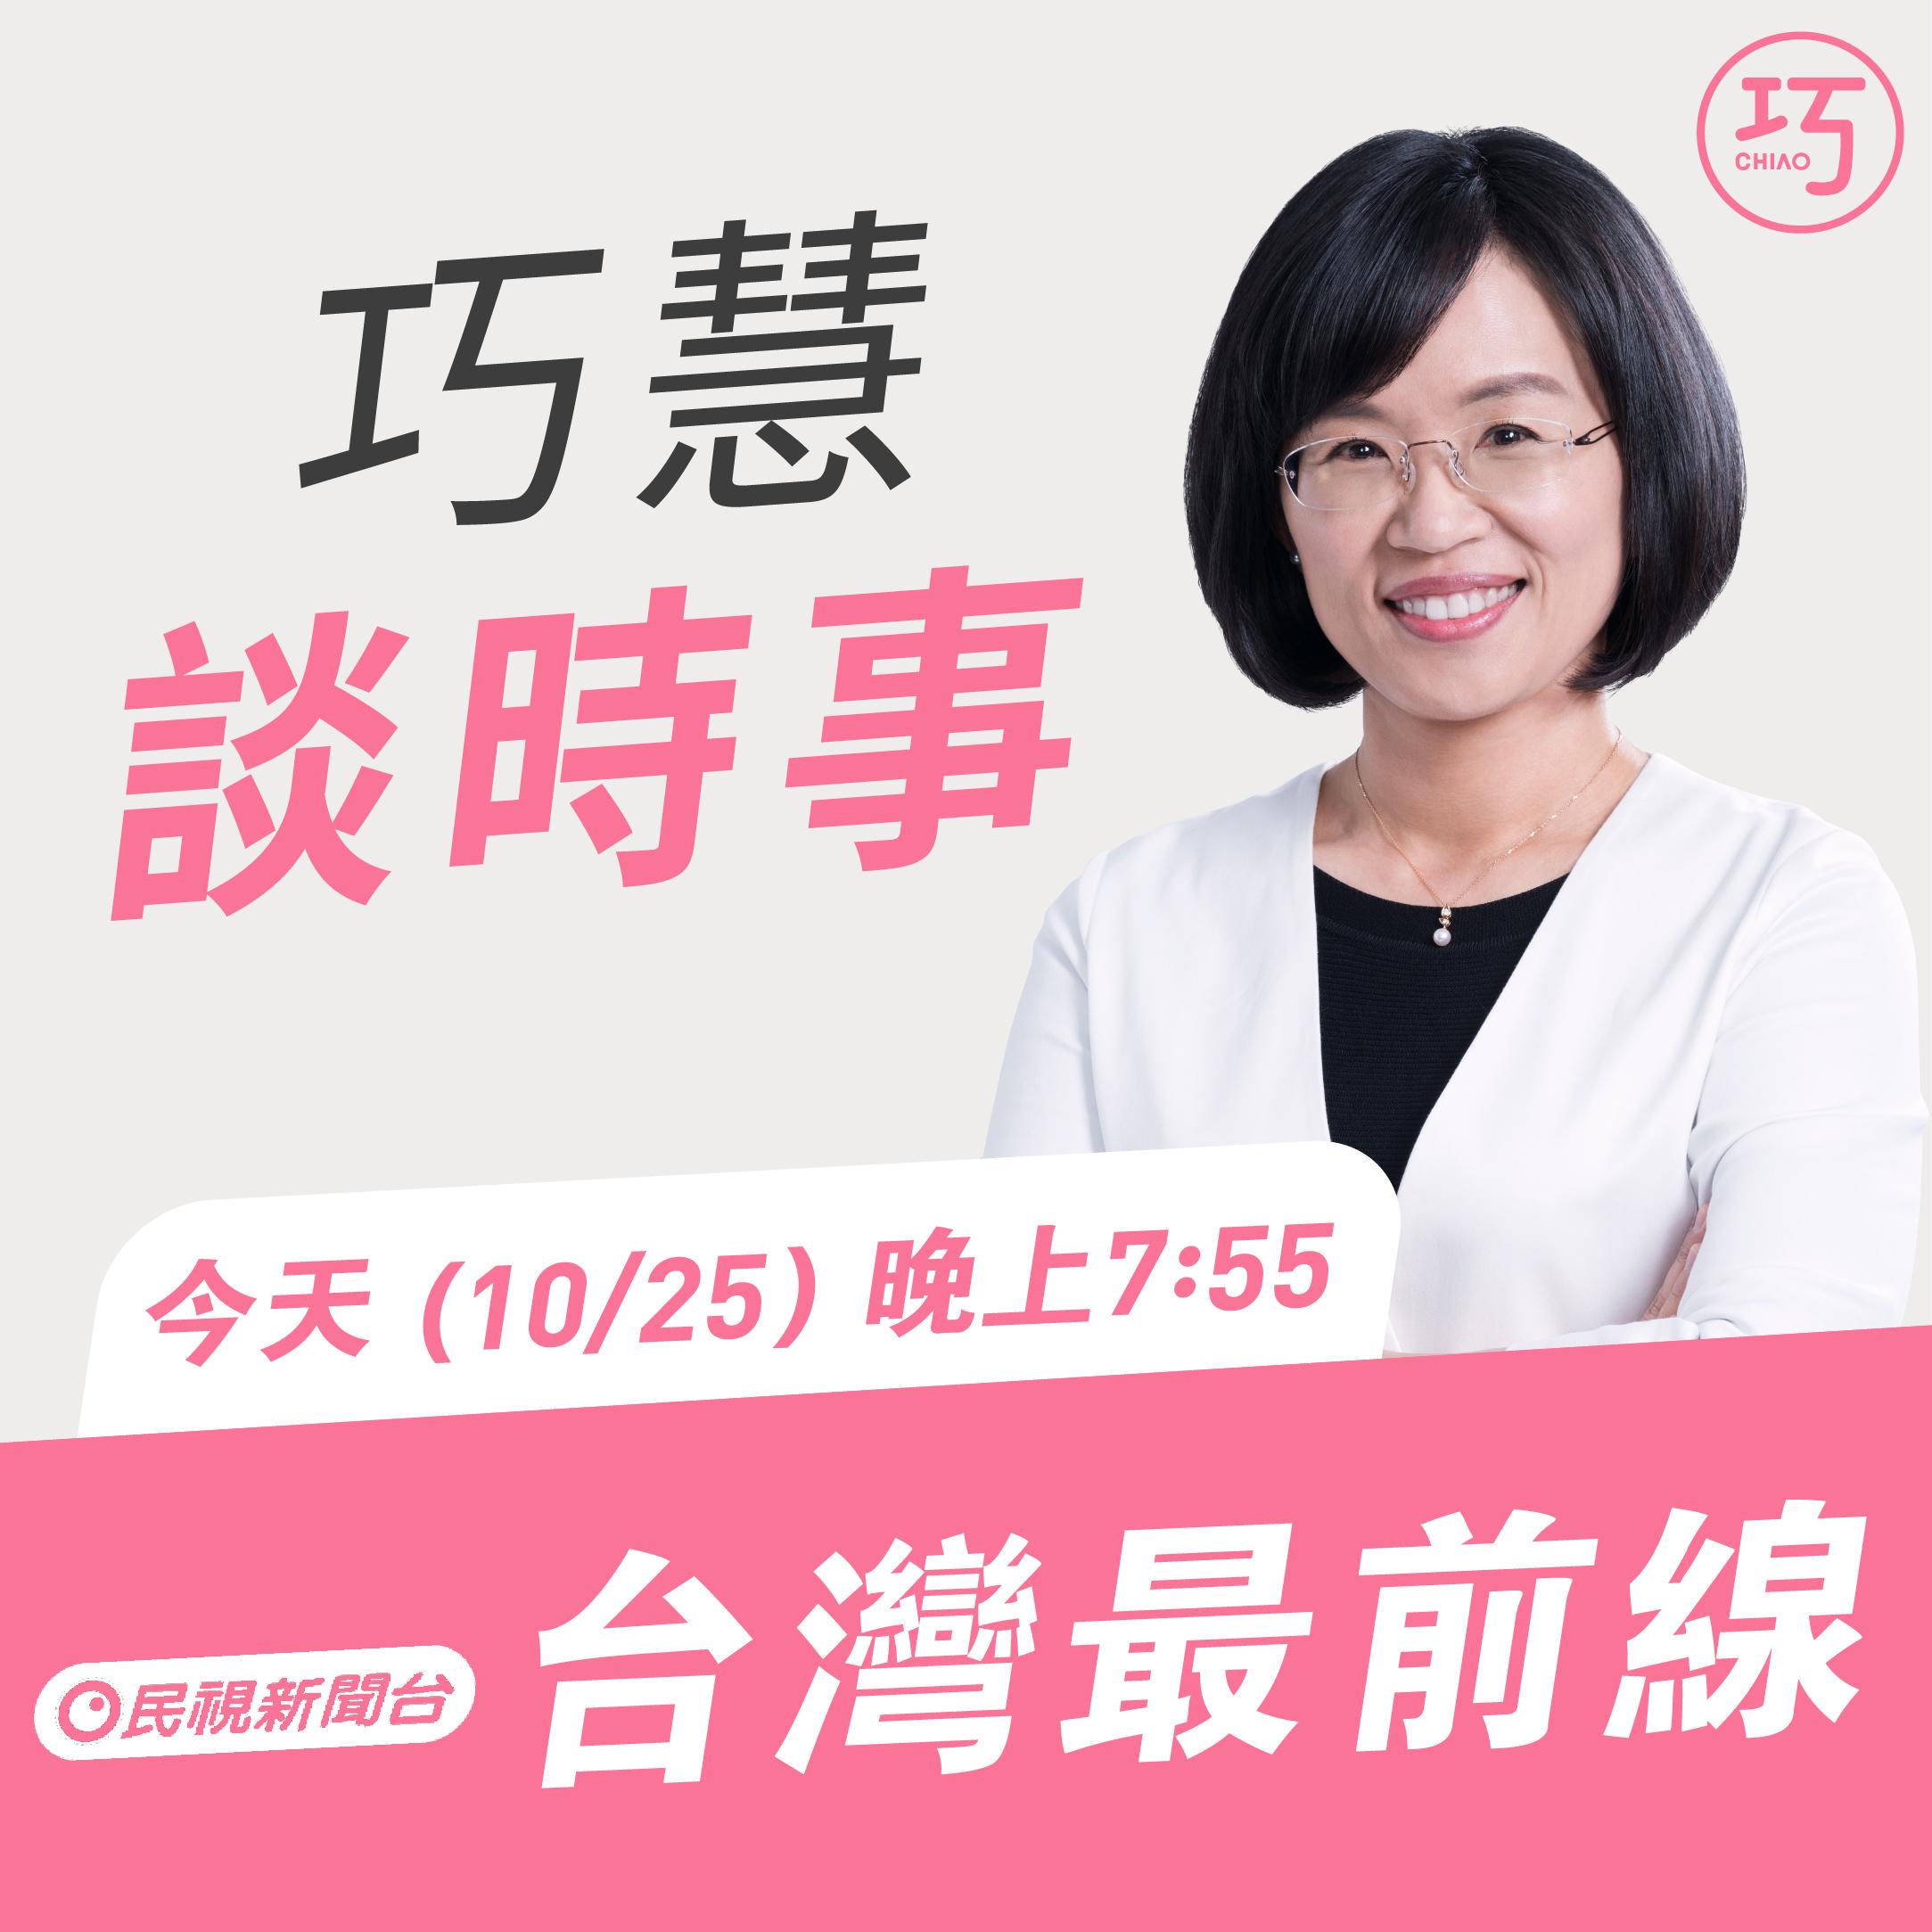 1025民視台灣最前線節目預告圖 01